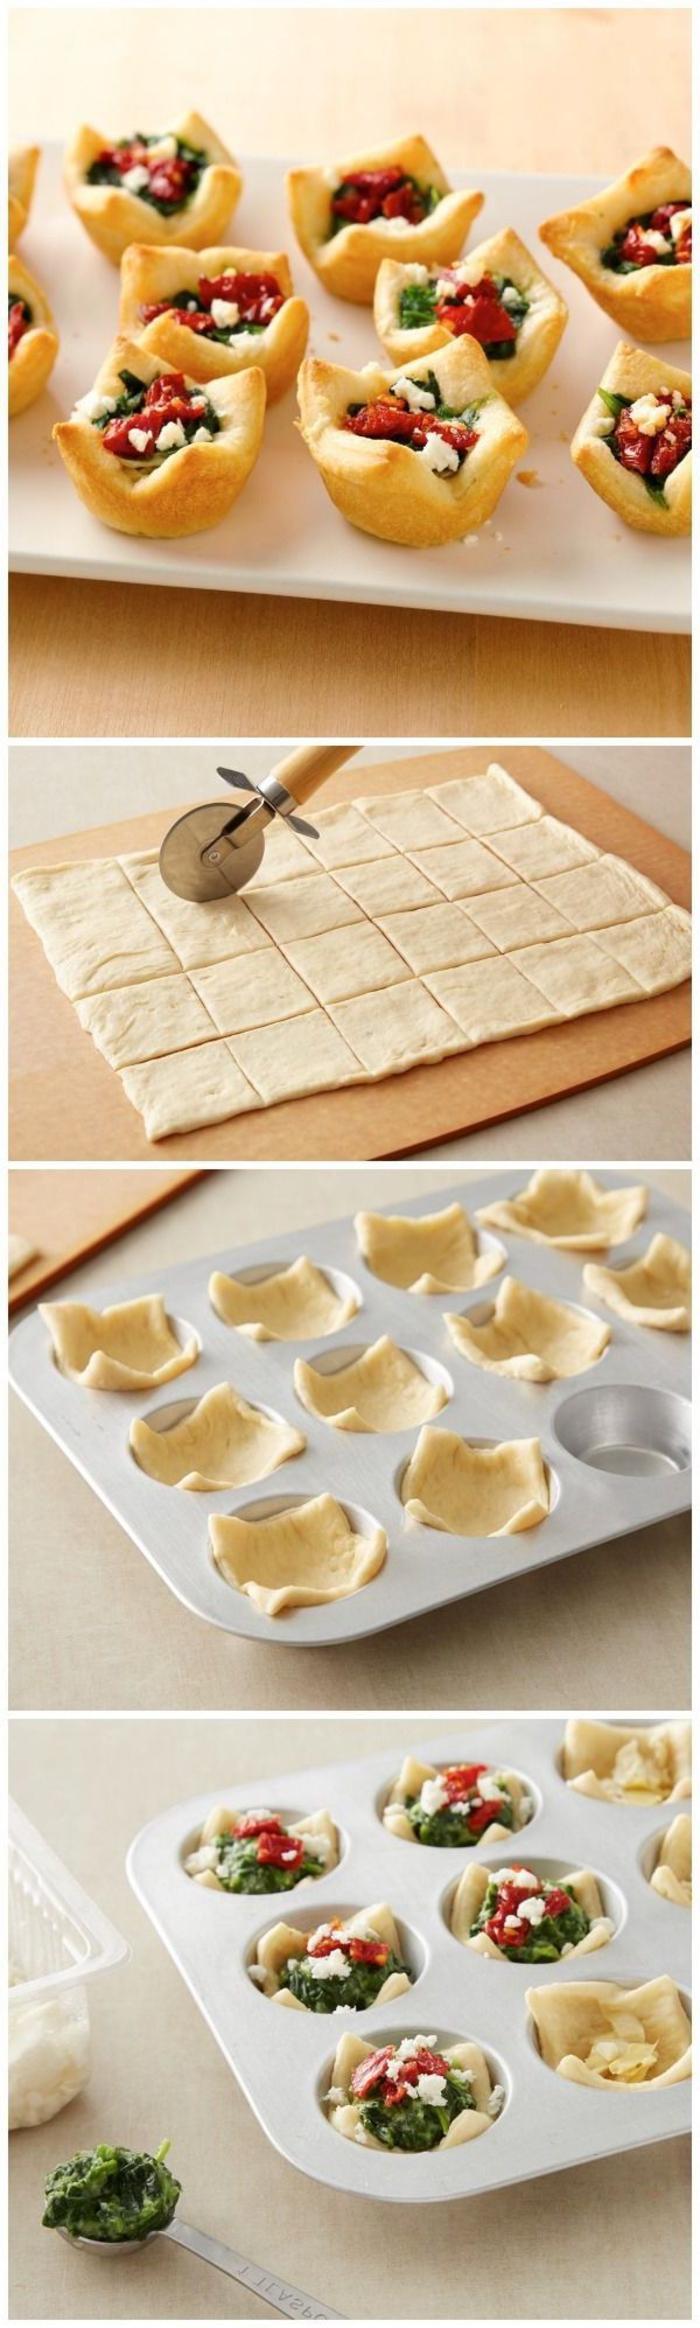 einfache italienische vorspeisen, leckere ideen, teigwaren im backofen zubereiten mit gemüse